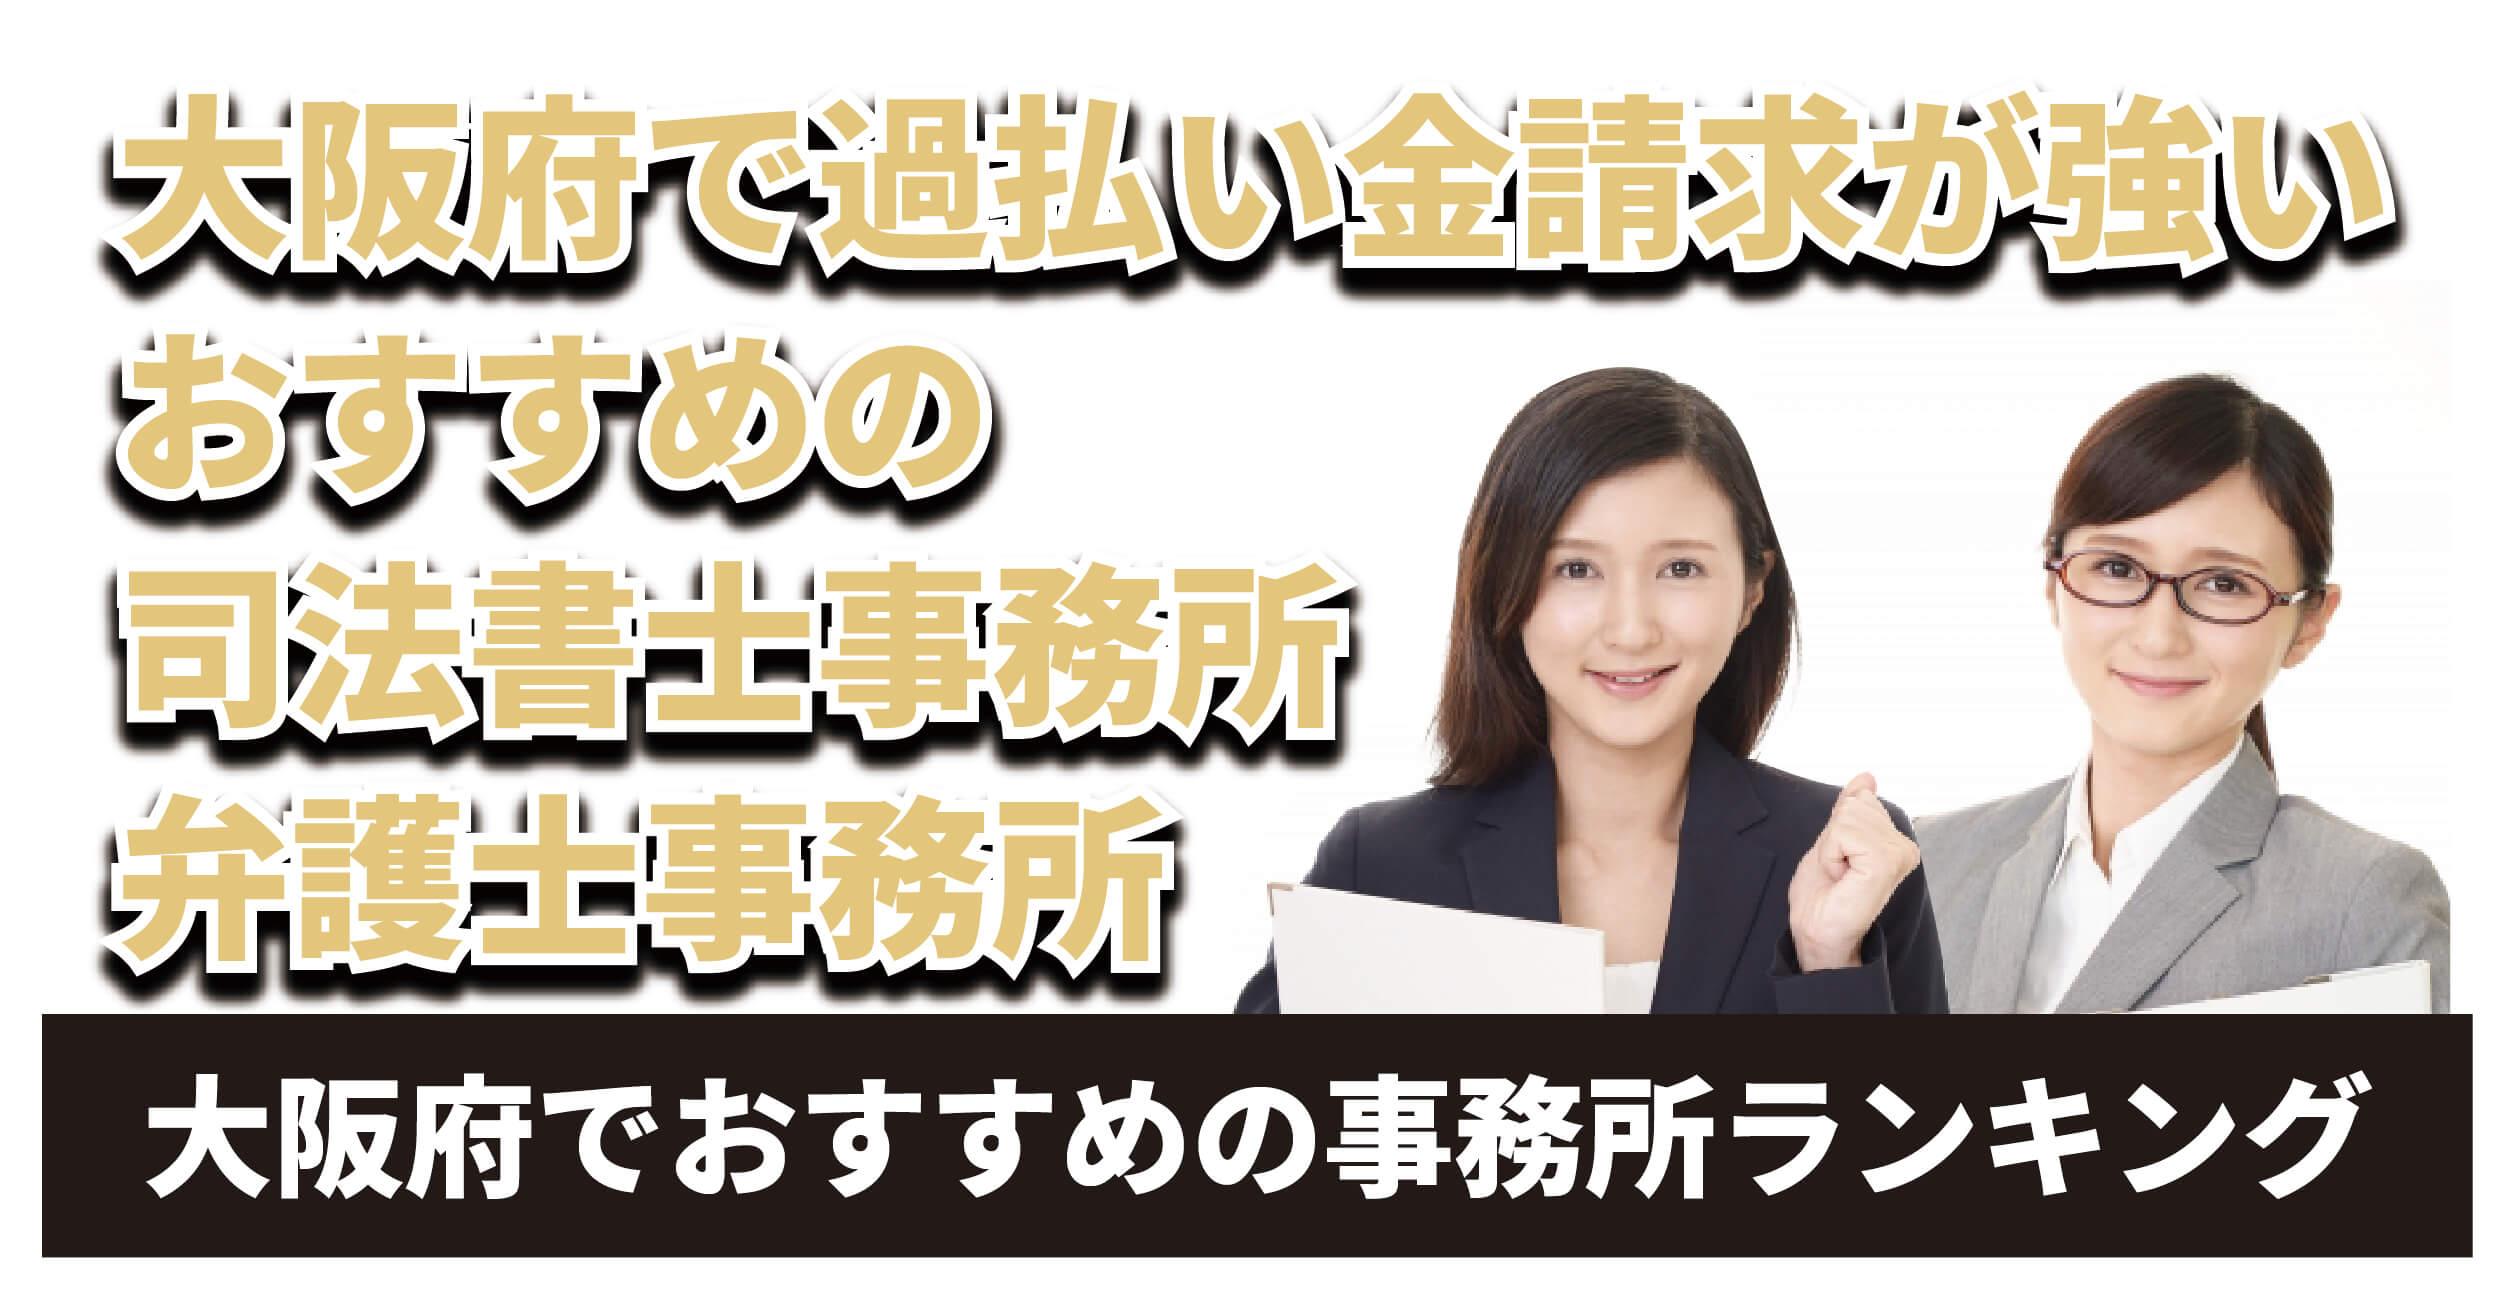 大阪府で過払い金請求に強い弁護士・司法書士事務所9選